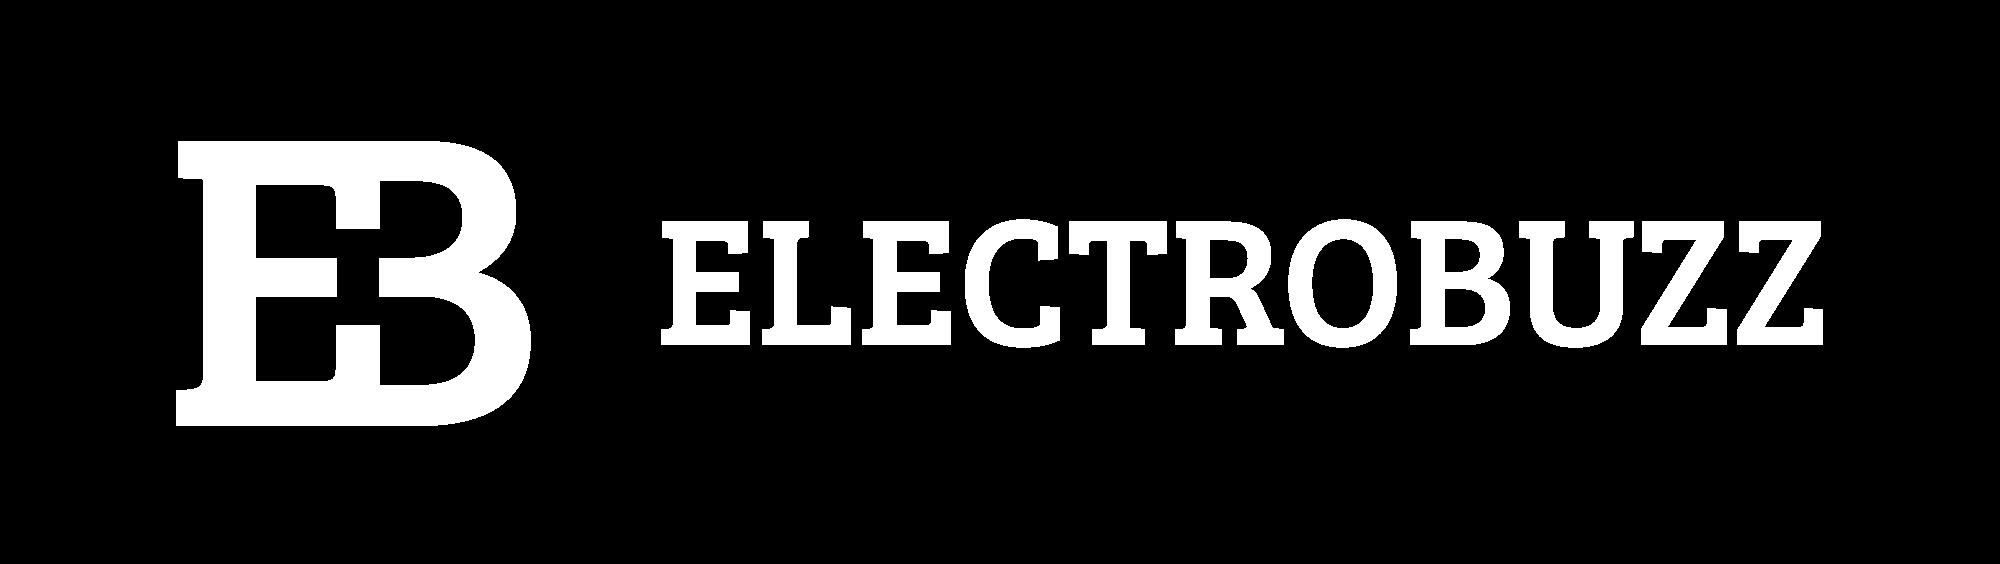 Electrobuzz